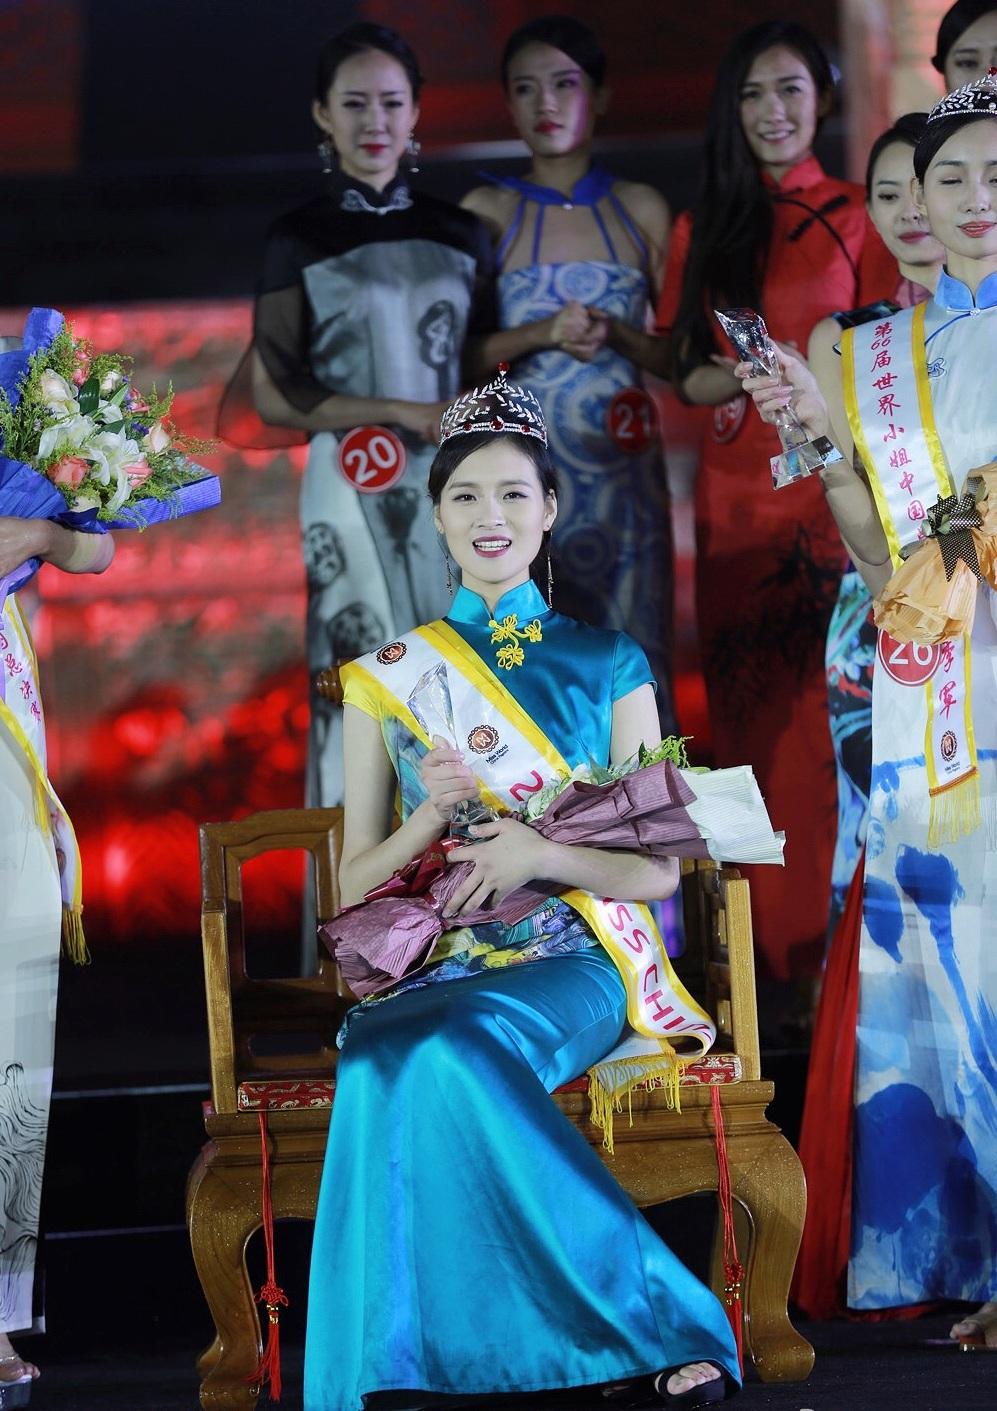 大四女生当选世界小姐中国总冠军 长腿美颜名副其实